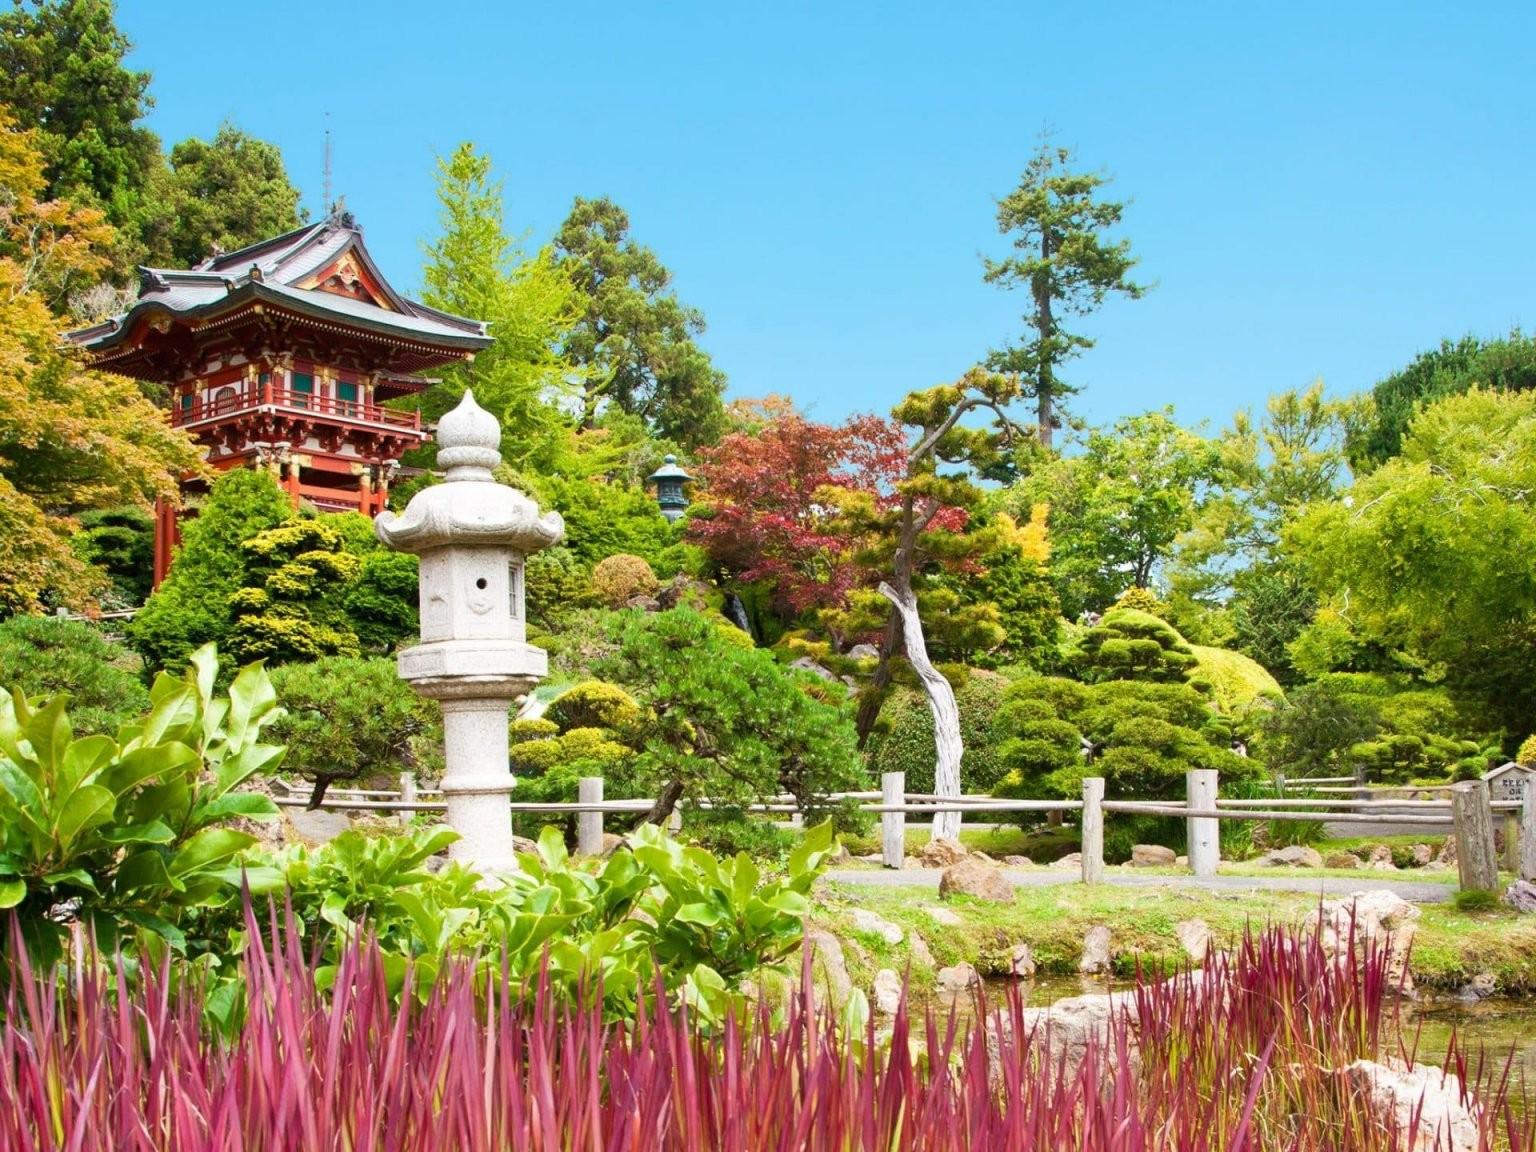 Japanischen Garten Anlegen  10 Ideen Mit Bildern Pflanzen  Deko von Japanische Deko Für Garten Photo